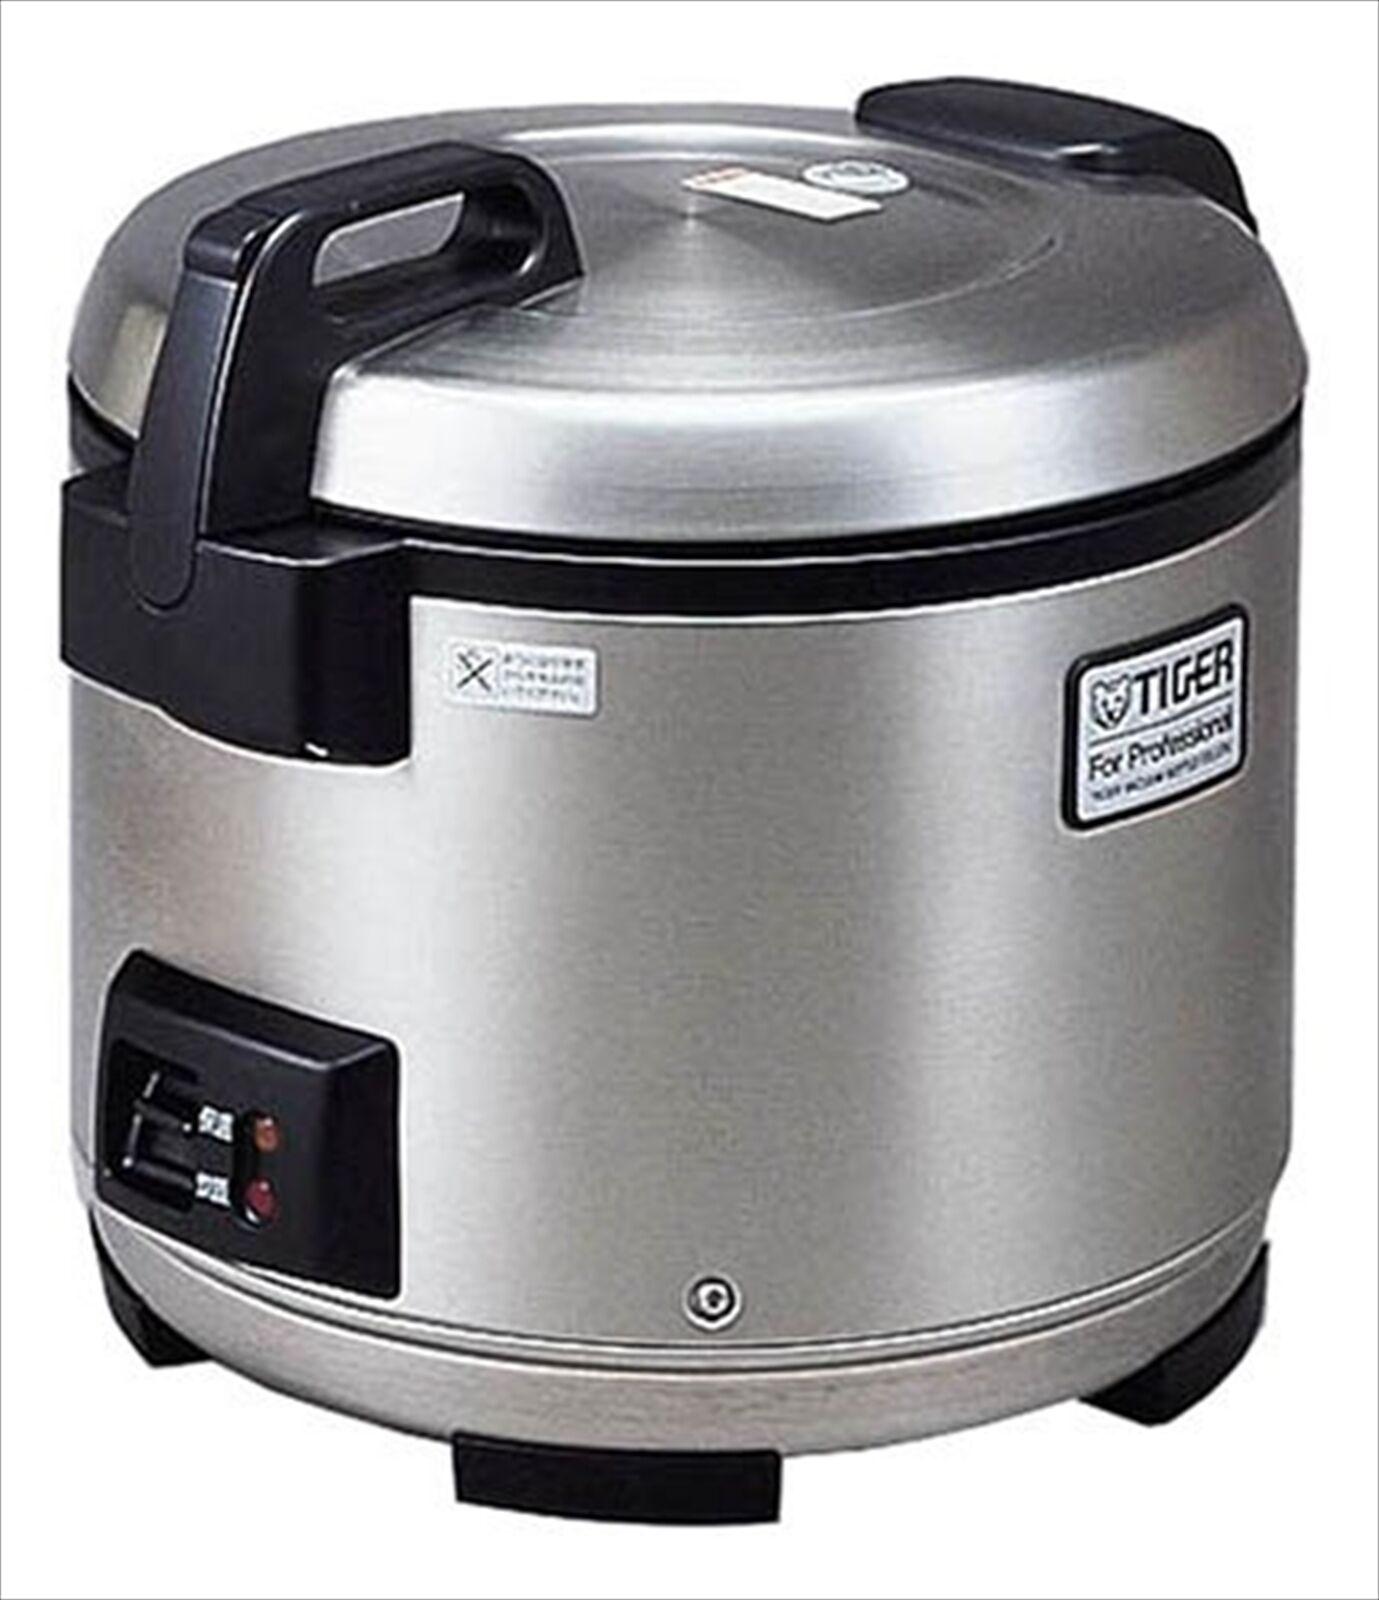 Tiger Riz Cuisinière deux boisseau Inoxydable Cuit riz cuisinière JNO-A360-XS AC 100 V